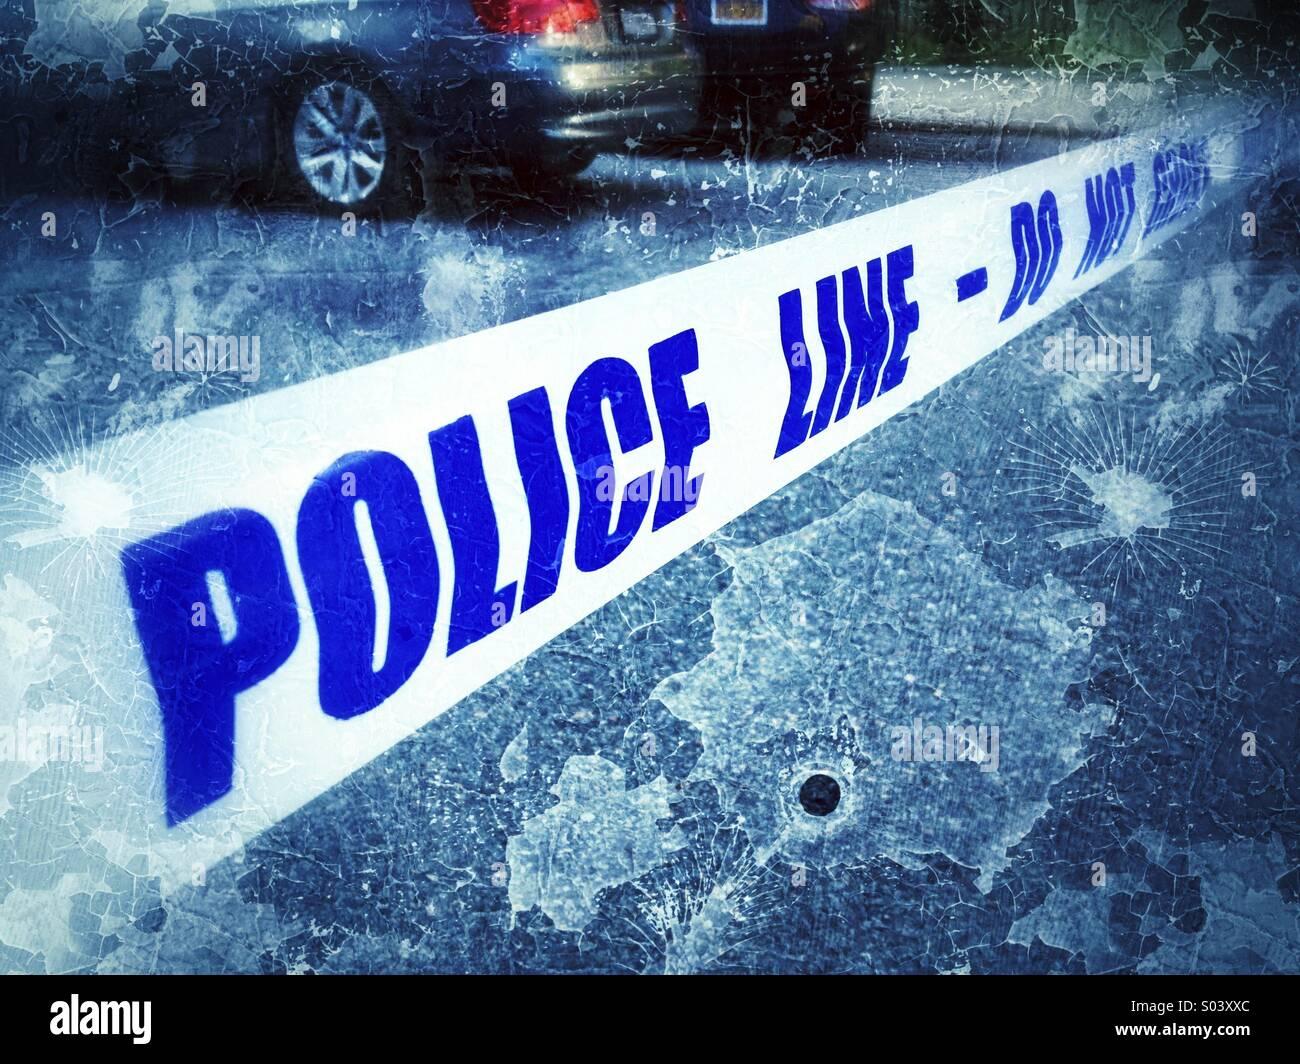 Crime scene tape at scene of shooting in New York City - Stock Image